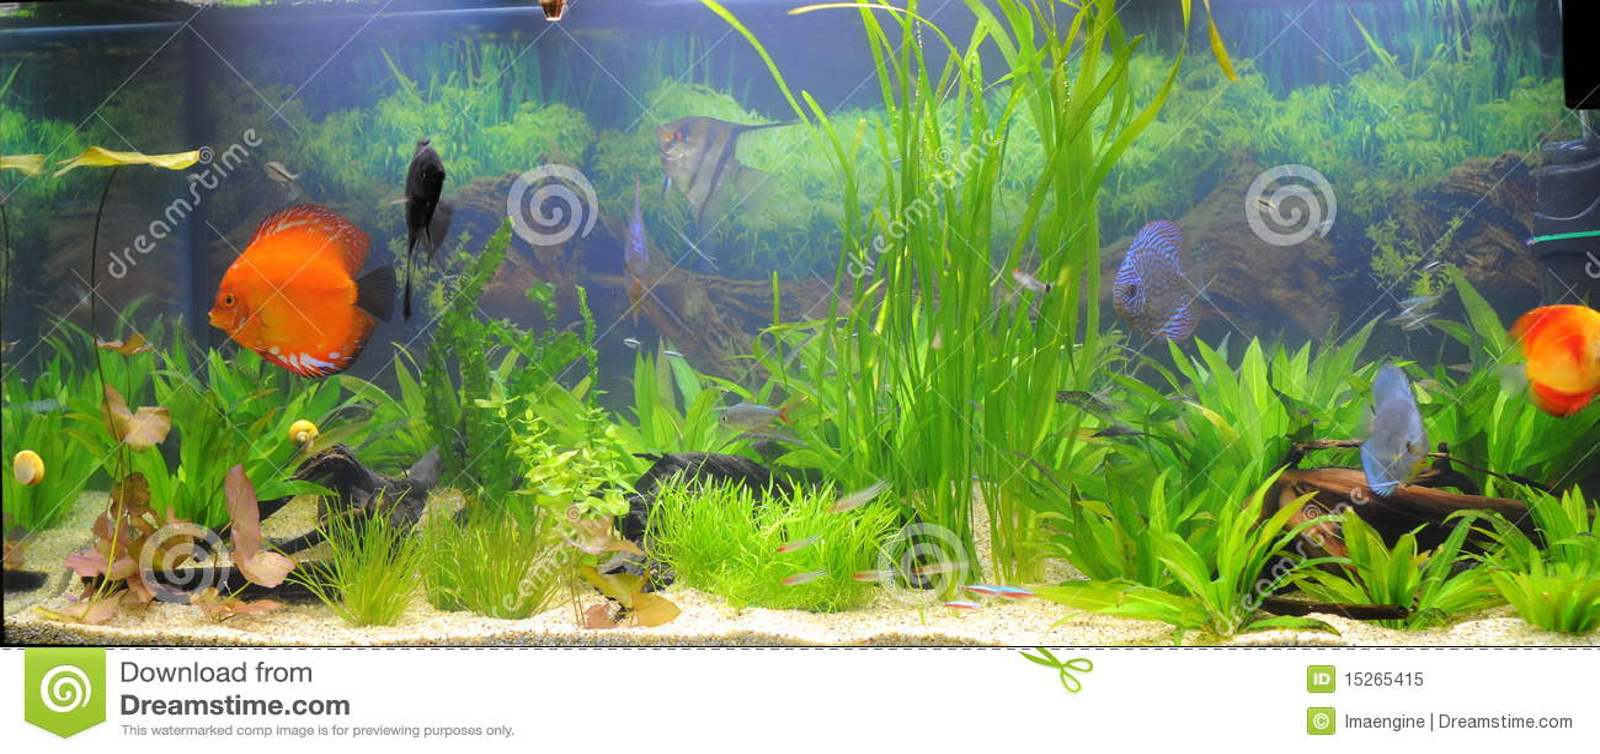 Pesci acquario tropicali immagine stock immagine di for Pesci tropicali acquario